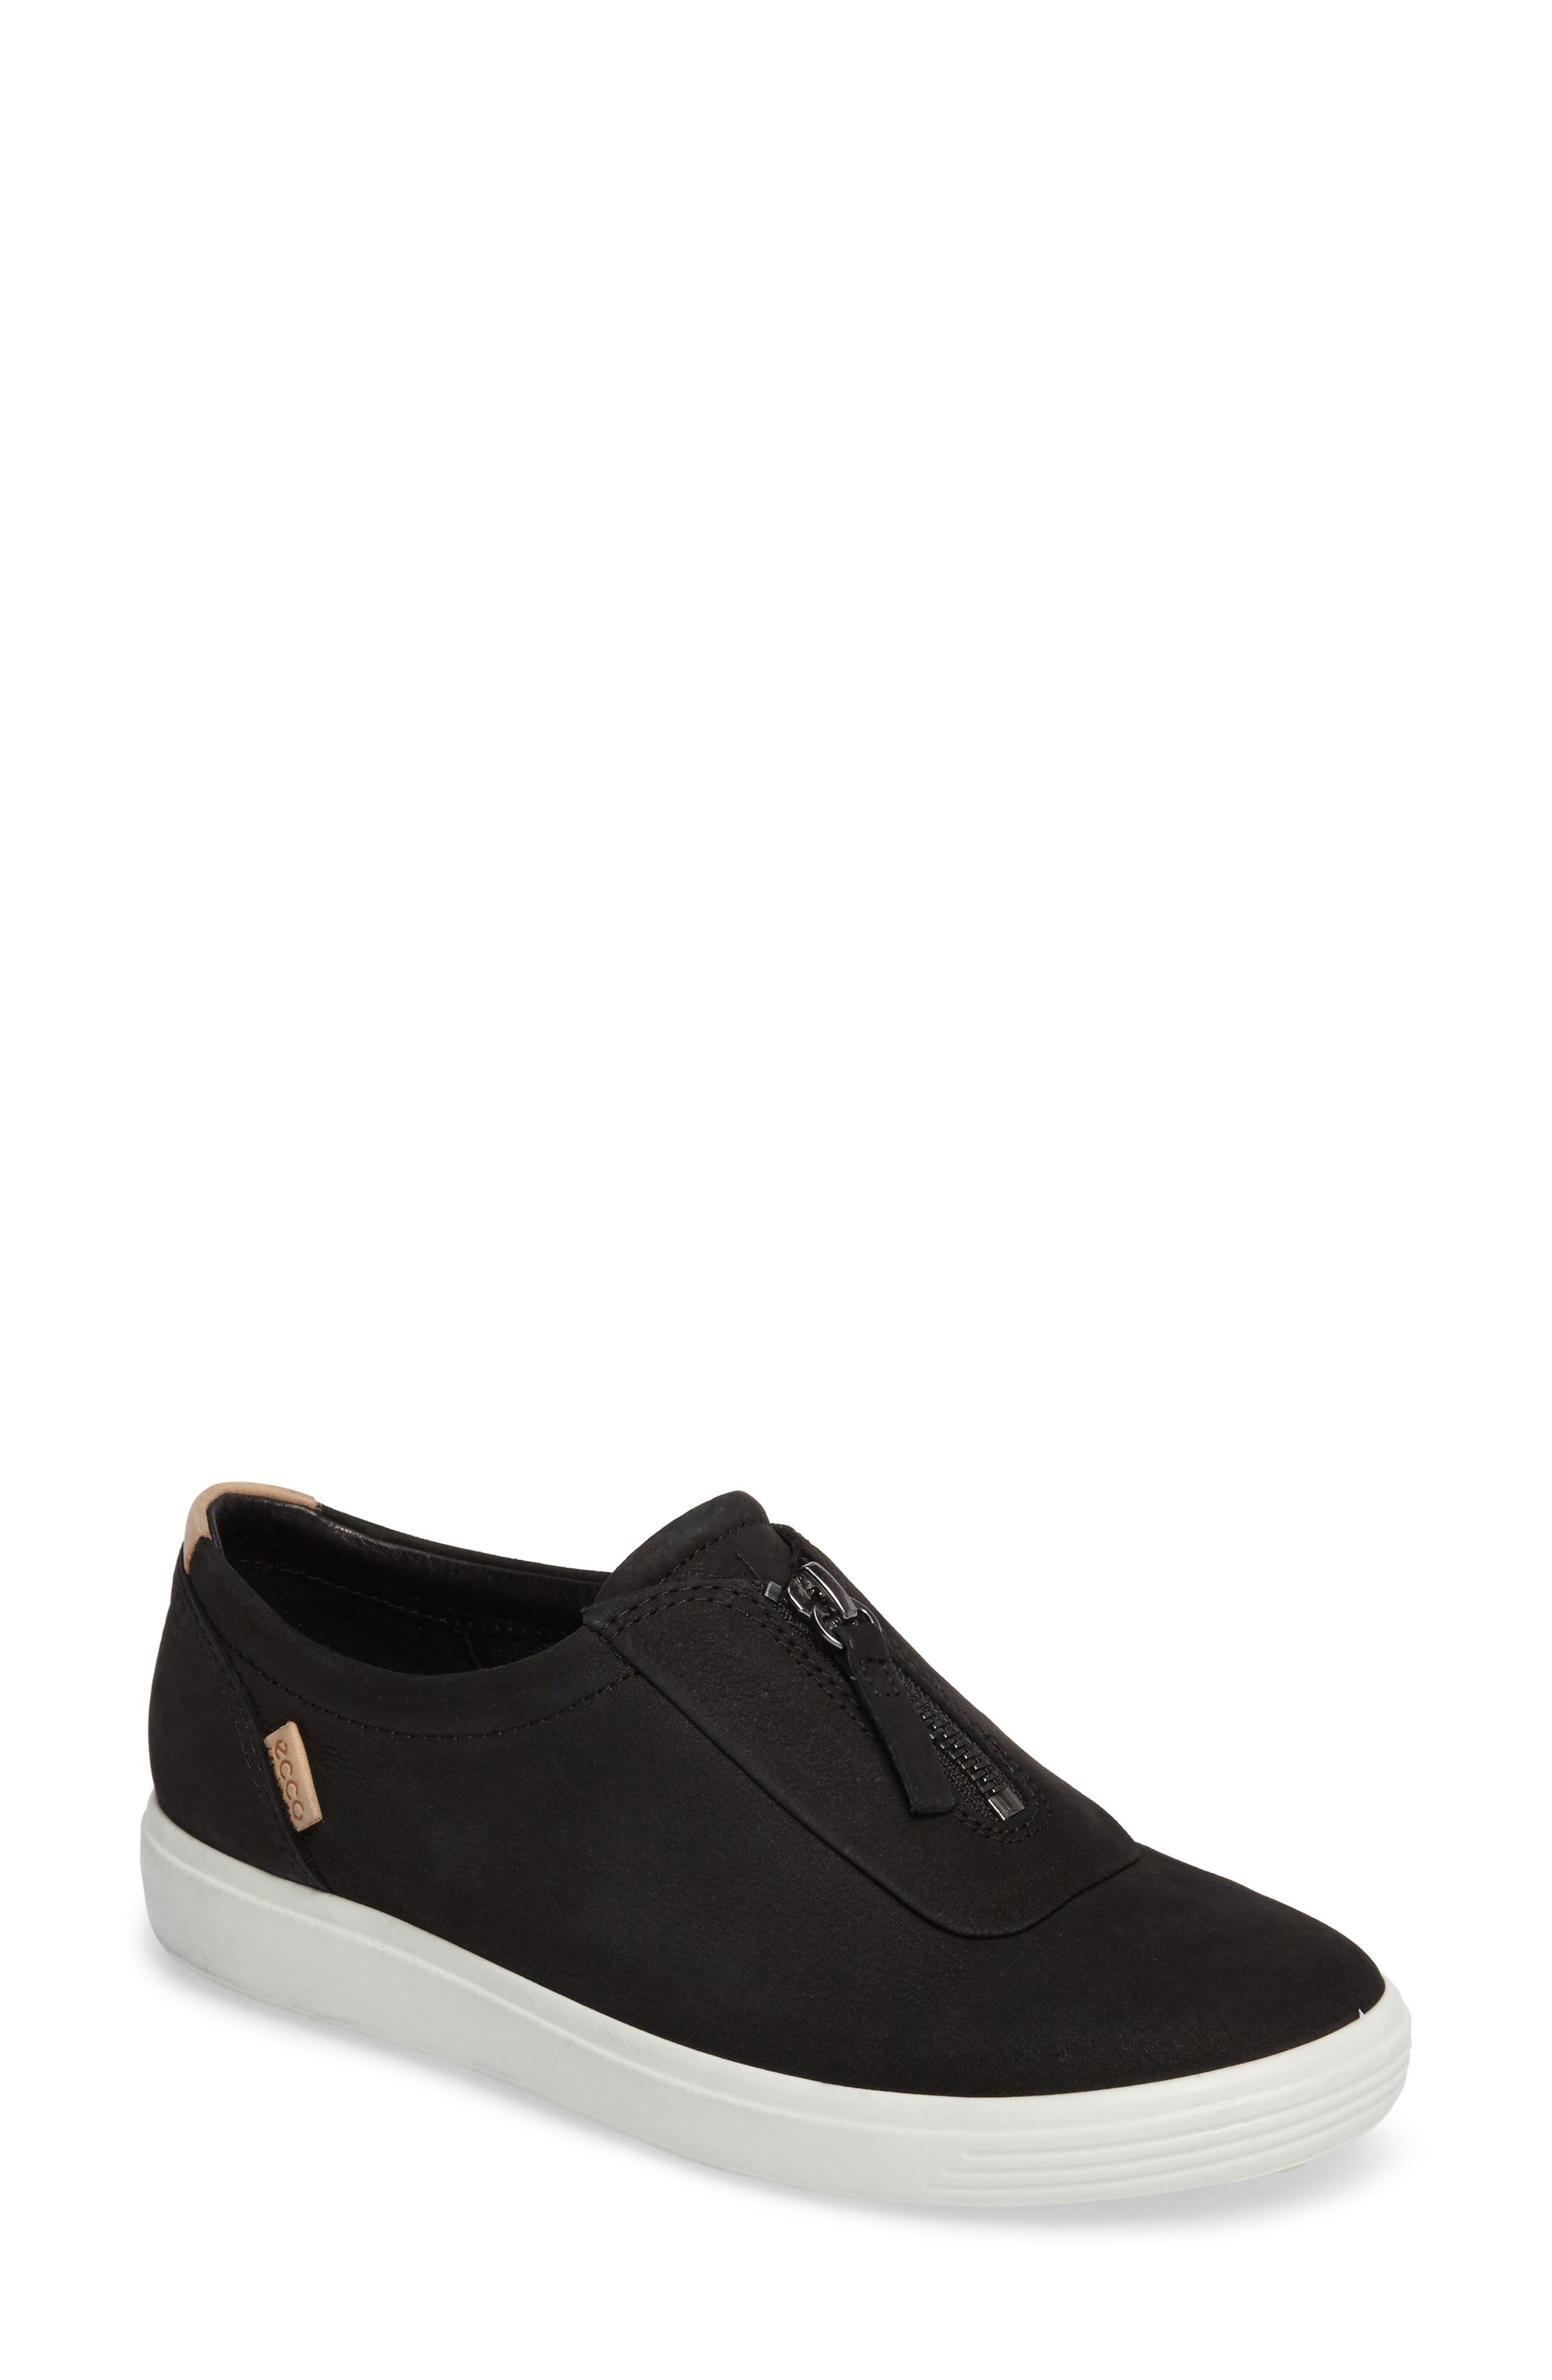 Alternate Image 1 Selected - ECCO Soft 7 Slip-On Sneaker (Women)